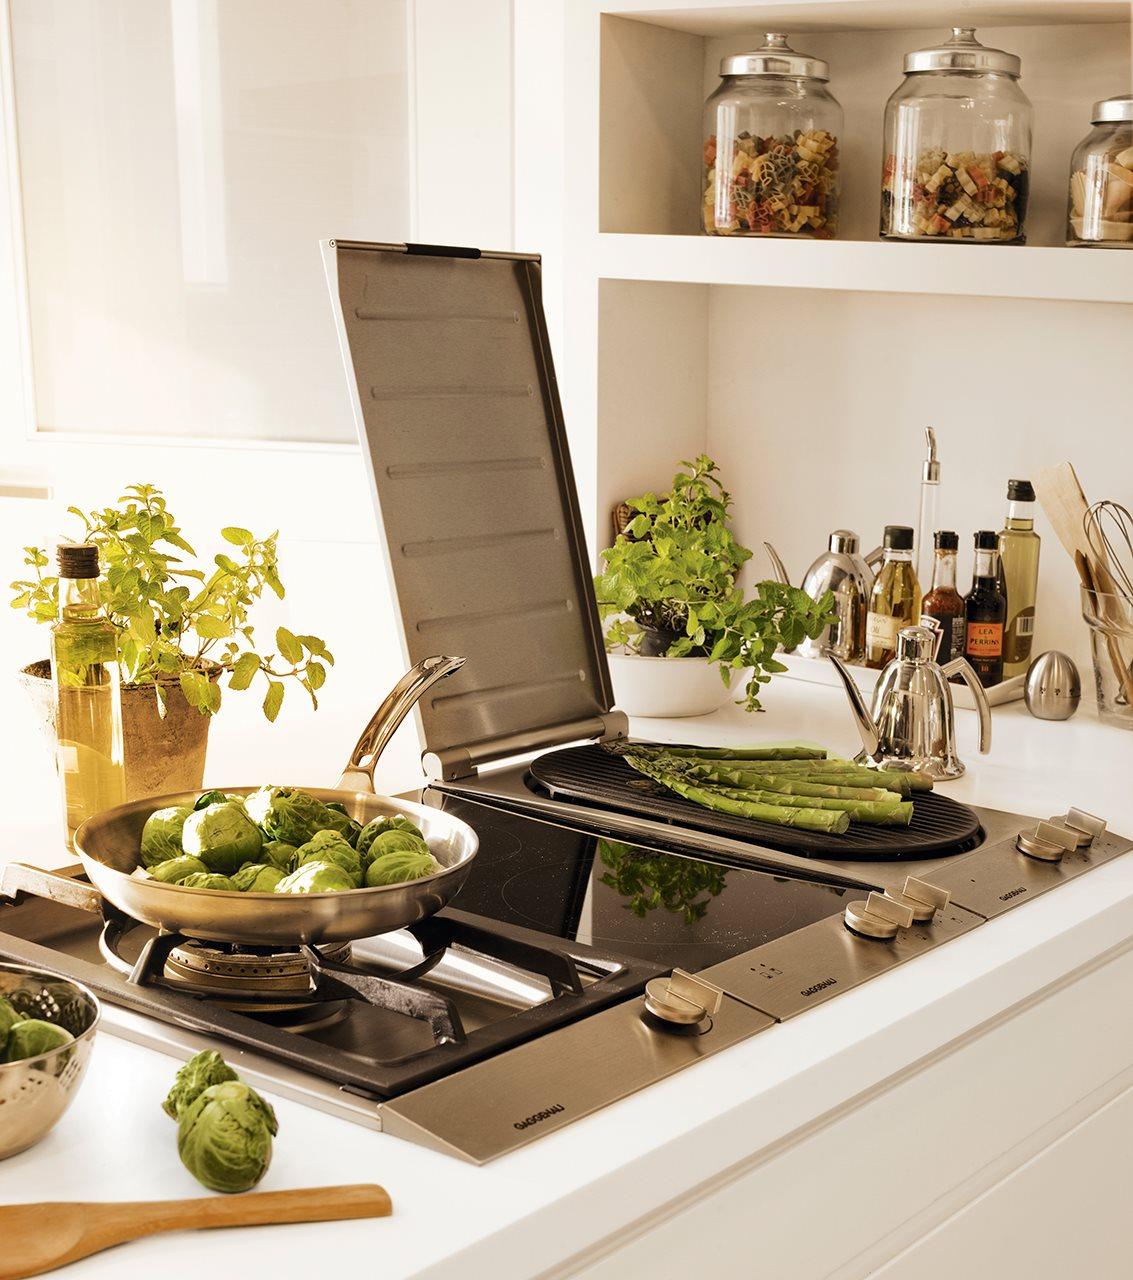 La cocina de los mil cajones - Placa de cocina ...